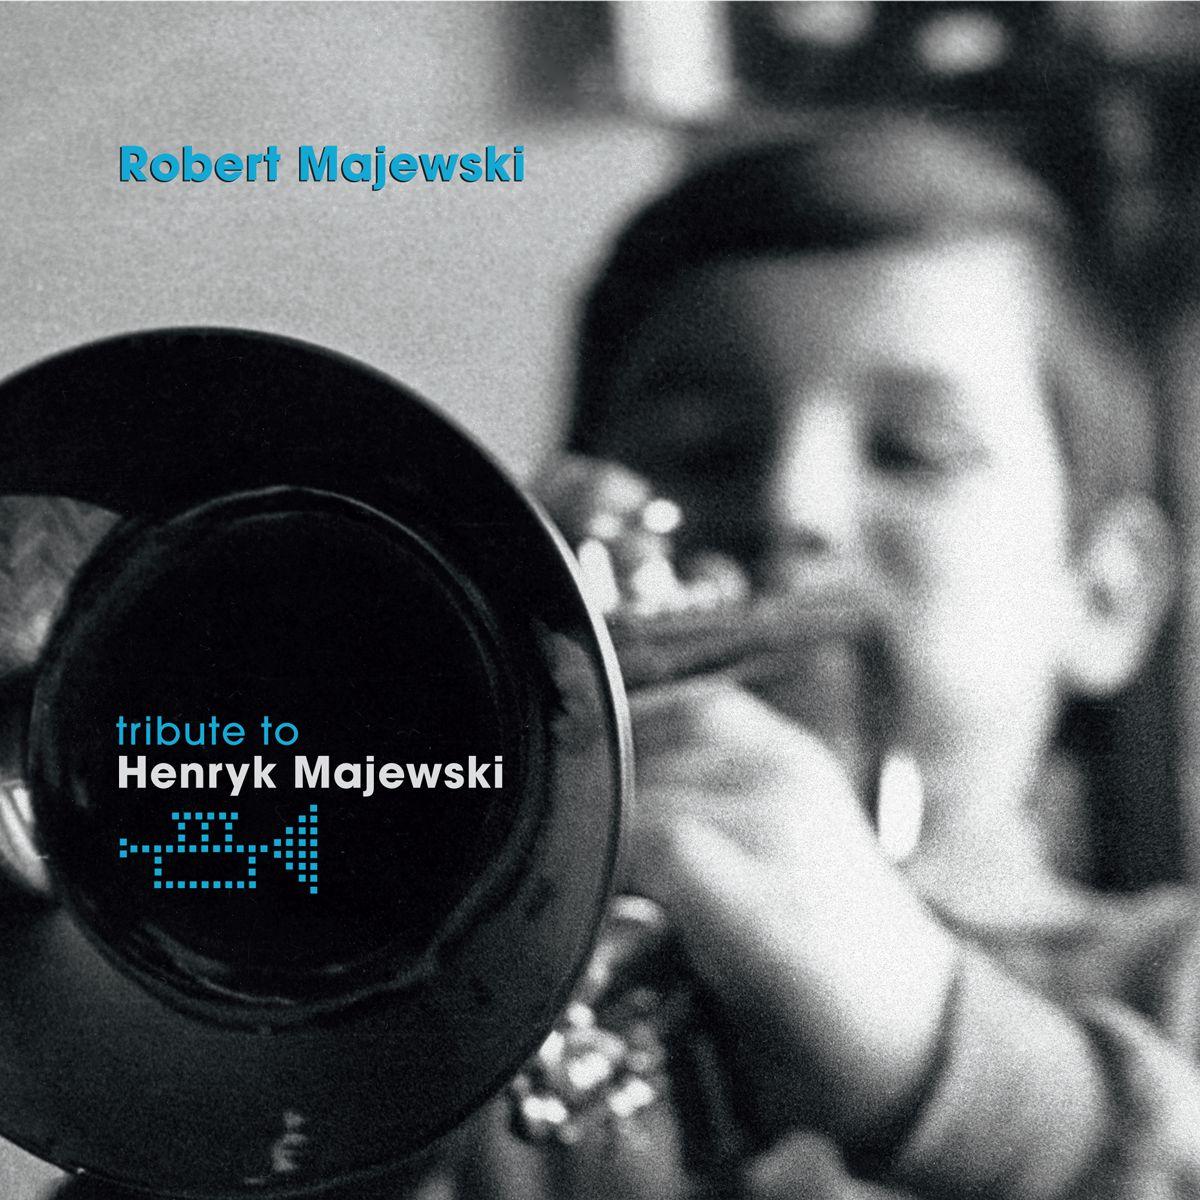 ROBERT MAJEWSKI – TRIBUTE to HENRYK MAJEWSKI